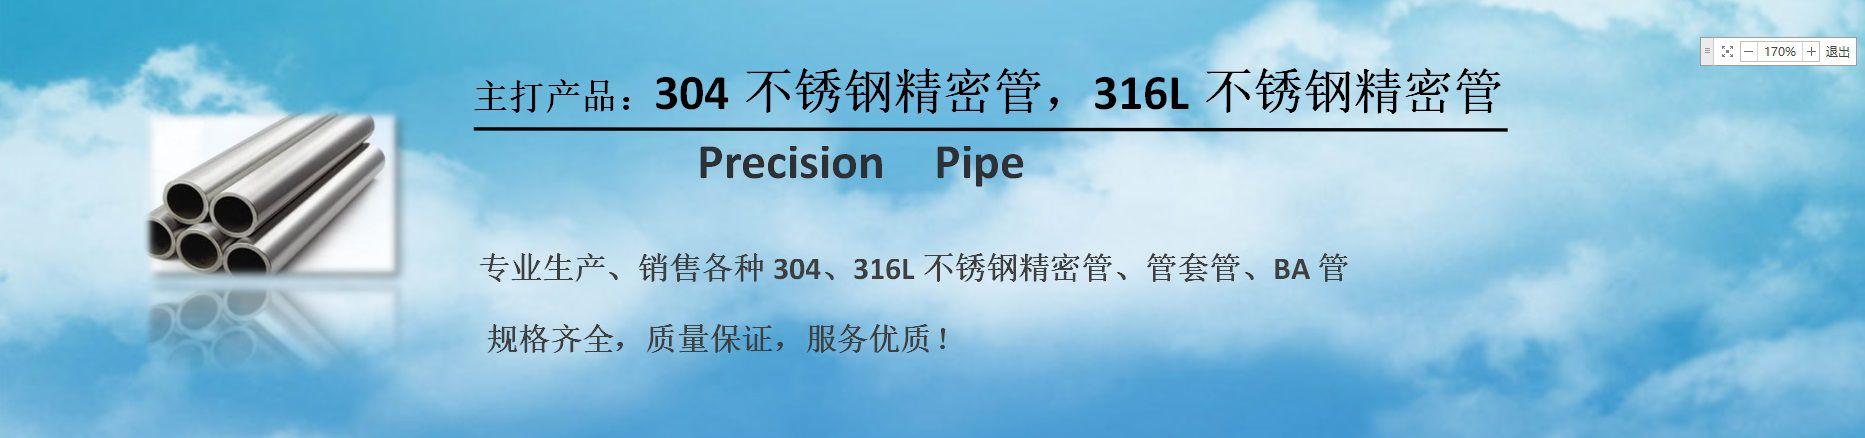 常州华铭钛精密钢管有限公司